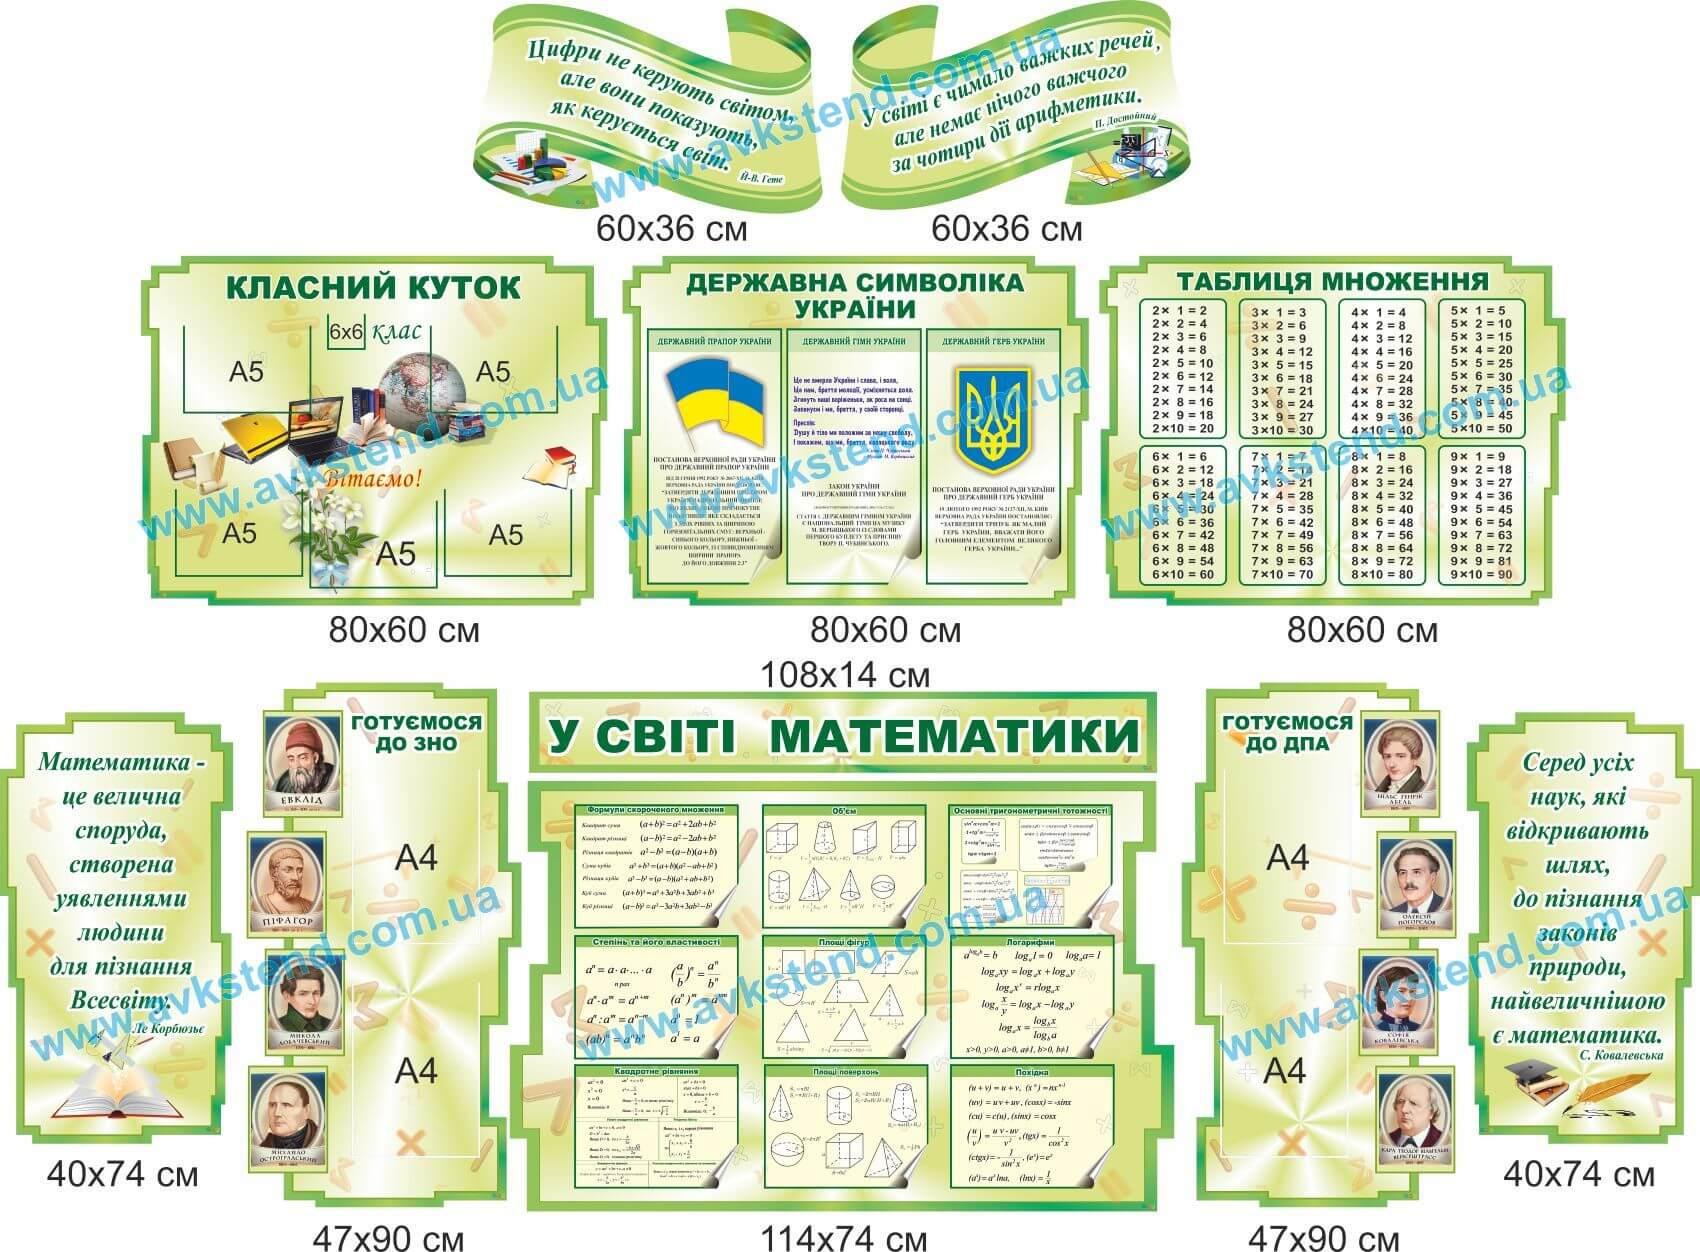 стенди для школи купити, стенди для школи замовити, стенди для кабінету, стенди для шкільного кабінету, оформлення кабінетів, оформлення шкільного кабінету, стенды для школы купить, стенды для школы заказать, стенды для кабинета, стенды для школьного кабинета, стенды для школы, стенд математика, стенд математика, стенд для кабінету математики, стенд для кабинета математики, стенд для школьных кабинетов купить, стенд для шкільних кабінетів купити, площі трикутників, площі чотирикутників, таблиця квадратів натуральних чисел, органайзер кабінету, квадрати і куби натуральних чисел, формули скороченого множення, сиди правильно, стенд для очей, площади треугольников, площади четырехугольников, таблица квадратов натуральных чисел, органайзер кабинета, квадраты и кубы натуральных чисел, формулы сокращенного умножения, сиди правильно, стенд для глаз, геометричні тіла, многогранники, тіла обертання, комбінаторика, степінь, тригонометричне коло і значення кутів, основні тригонометричні формули, формули зведення, формули перетворення тригонометричних функцій, властивості і графіки тригонометричних функцій, логарифм, похідна, формула Ньютона Лейбніца, символіка, геометрические тела, многогранники, тела вращения, комбинаторика, степень, тригонометрическое круг и значение углов, основные тригонометрические формулы, формулы приведения, формулы преобразования тригонометрических функций,